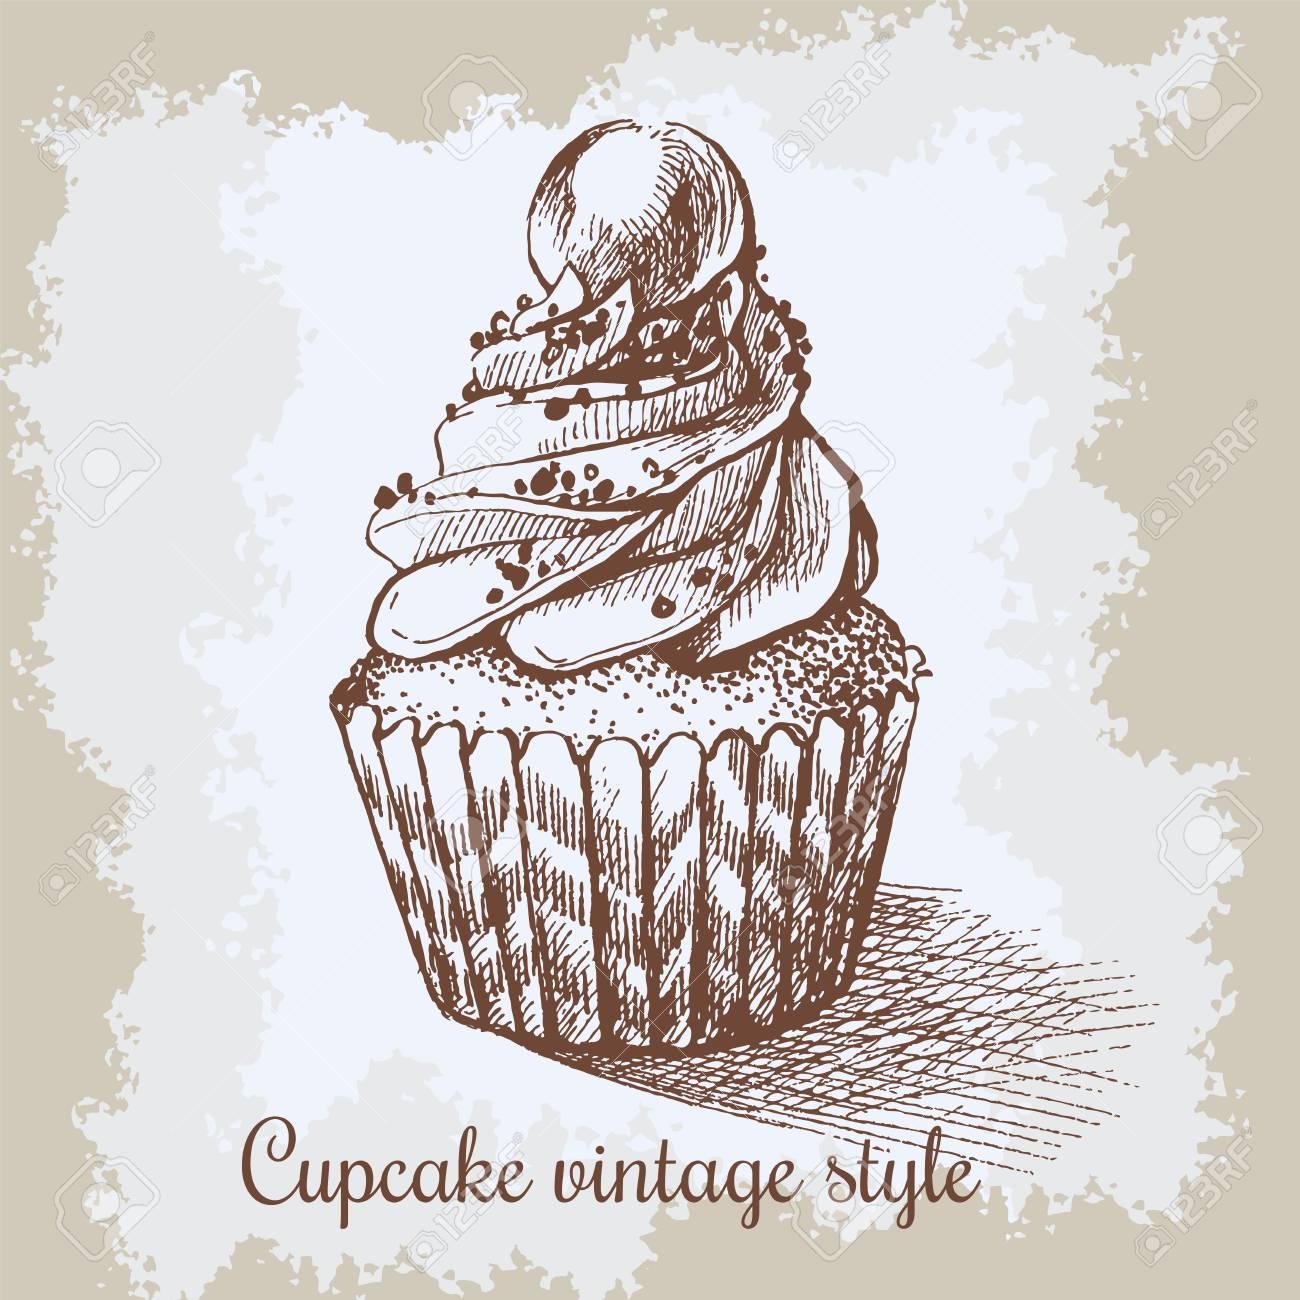 Fondo Vintage Dulce Cupcake Con Burbuja. Puede Ser Utilizado Para ...